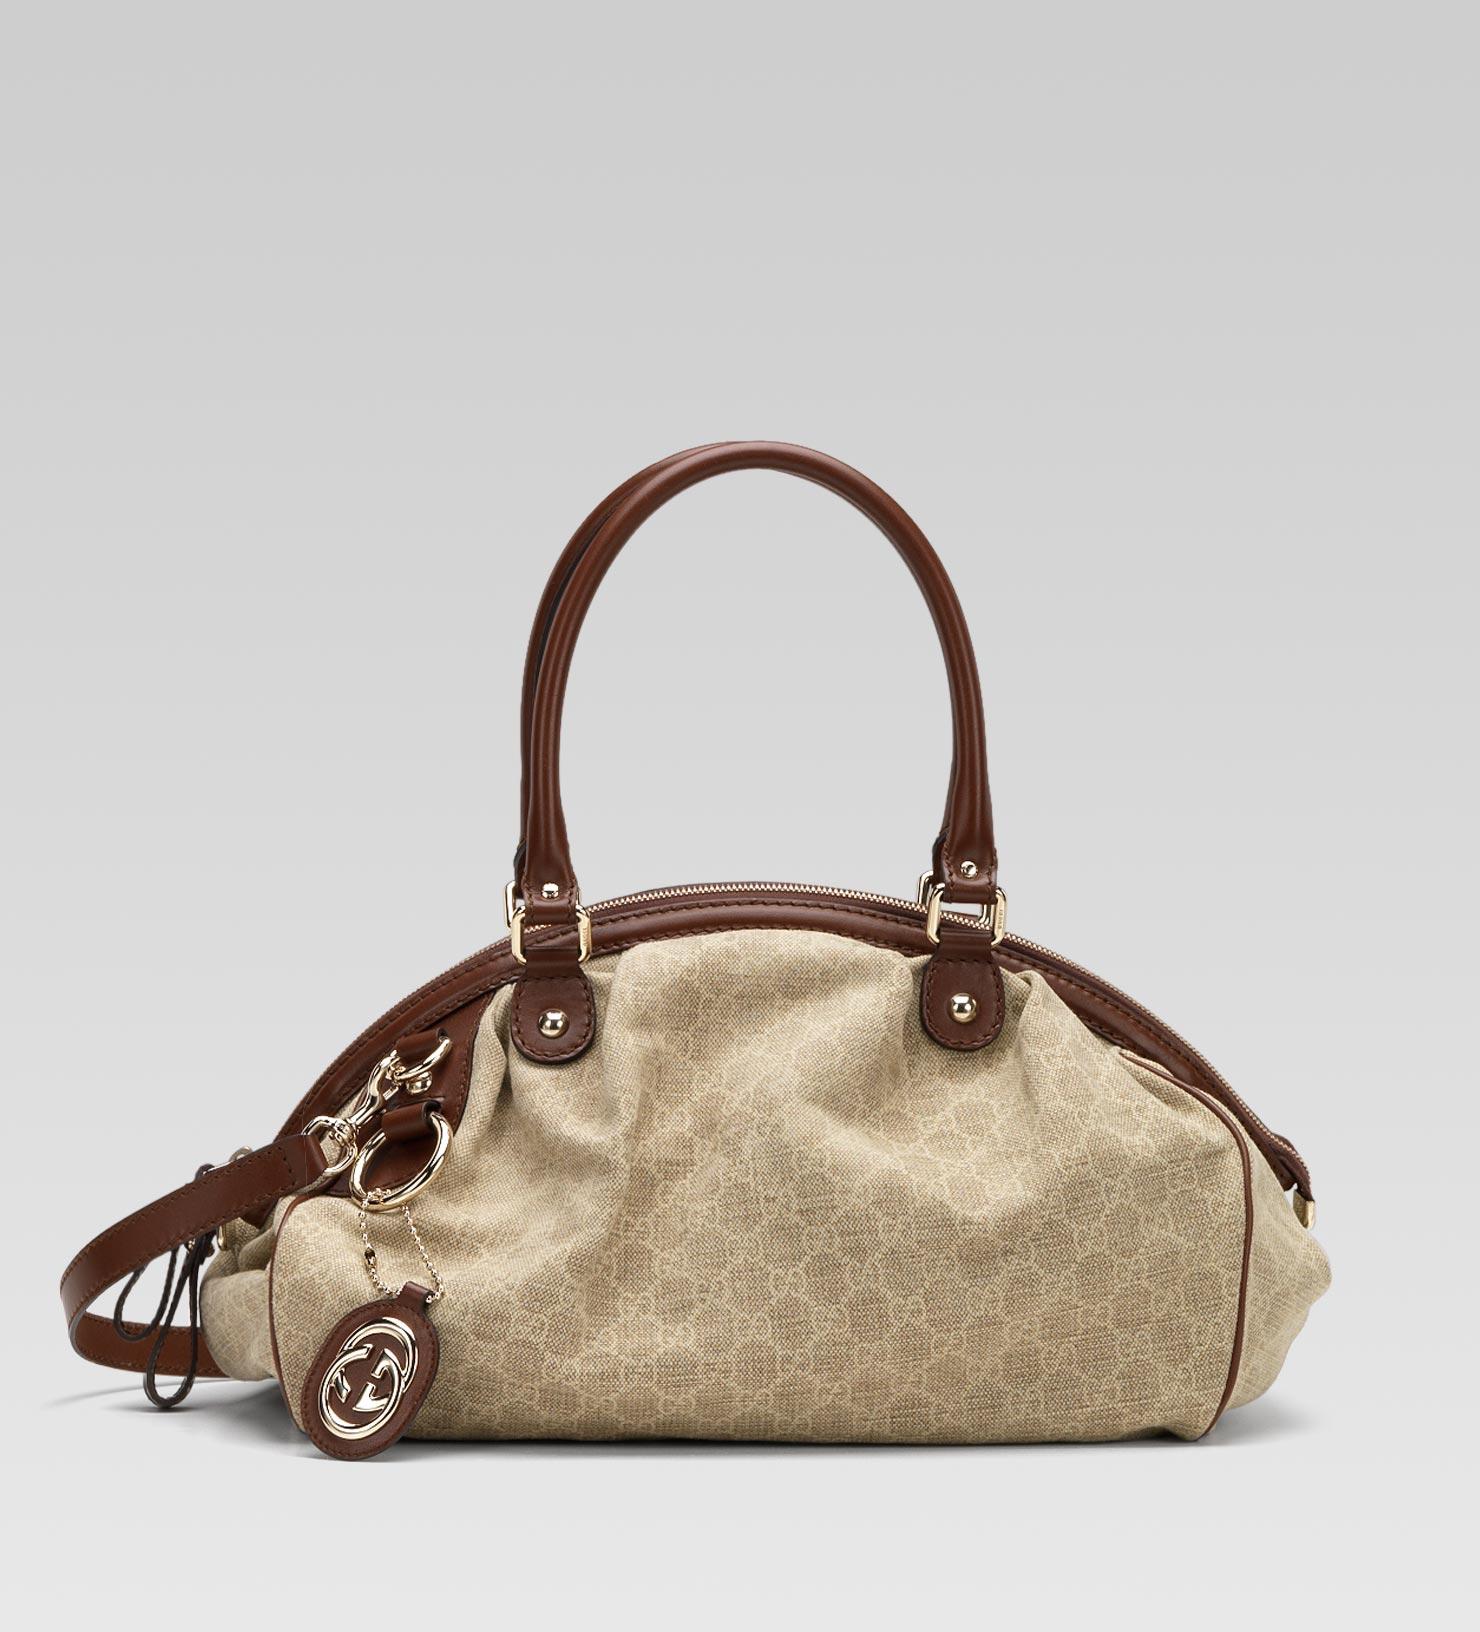 8a156a4fdf8c Gucci Sukey Boston Bag in Natural - Lyst